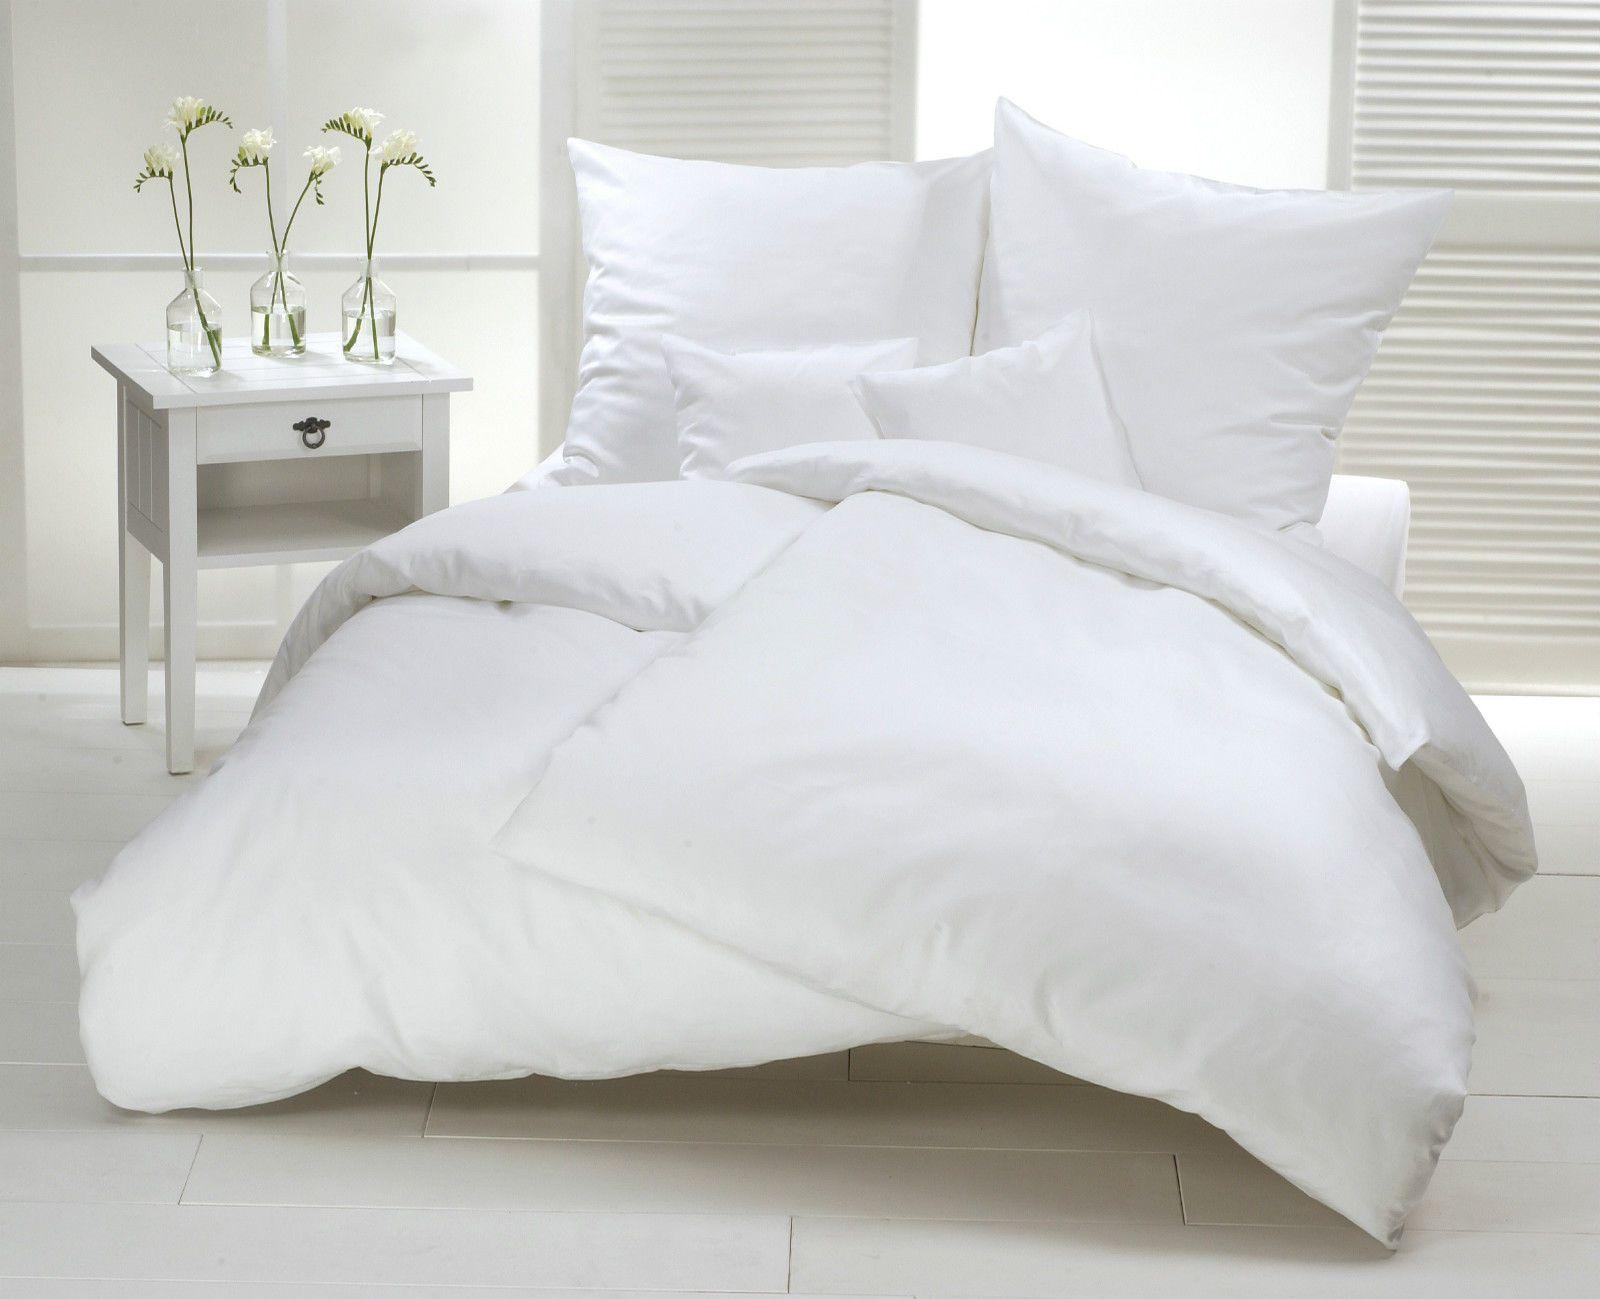 Bettwäsche Hotelbettwäsche Bettbezug Kissenbezug Verschiedene